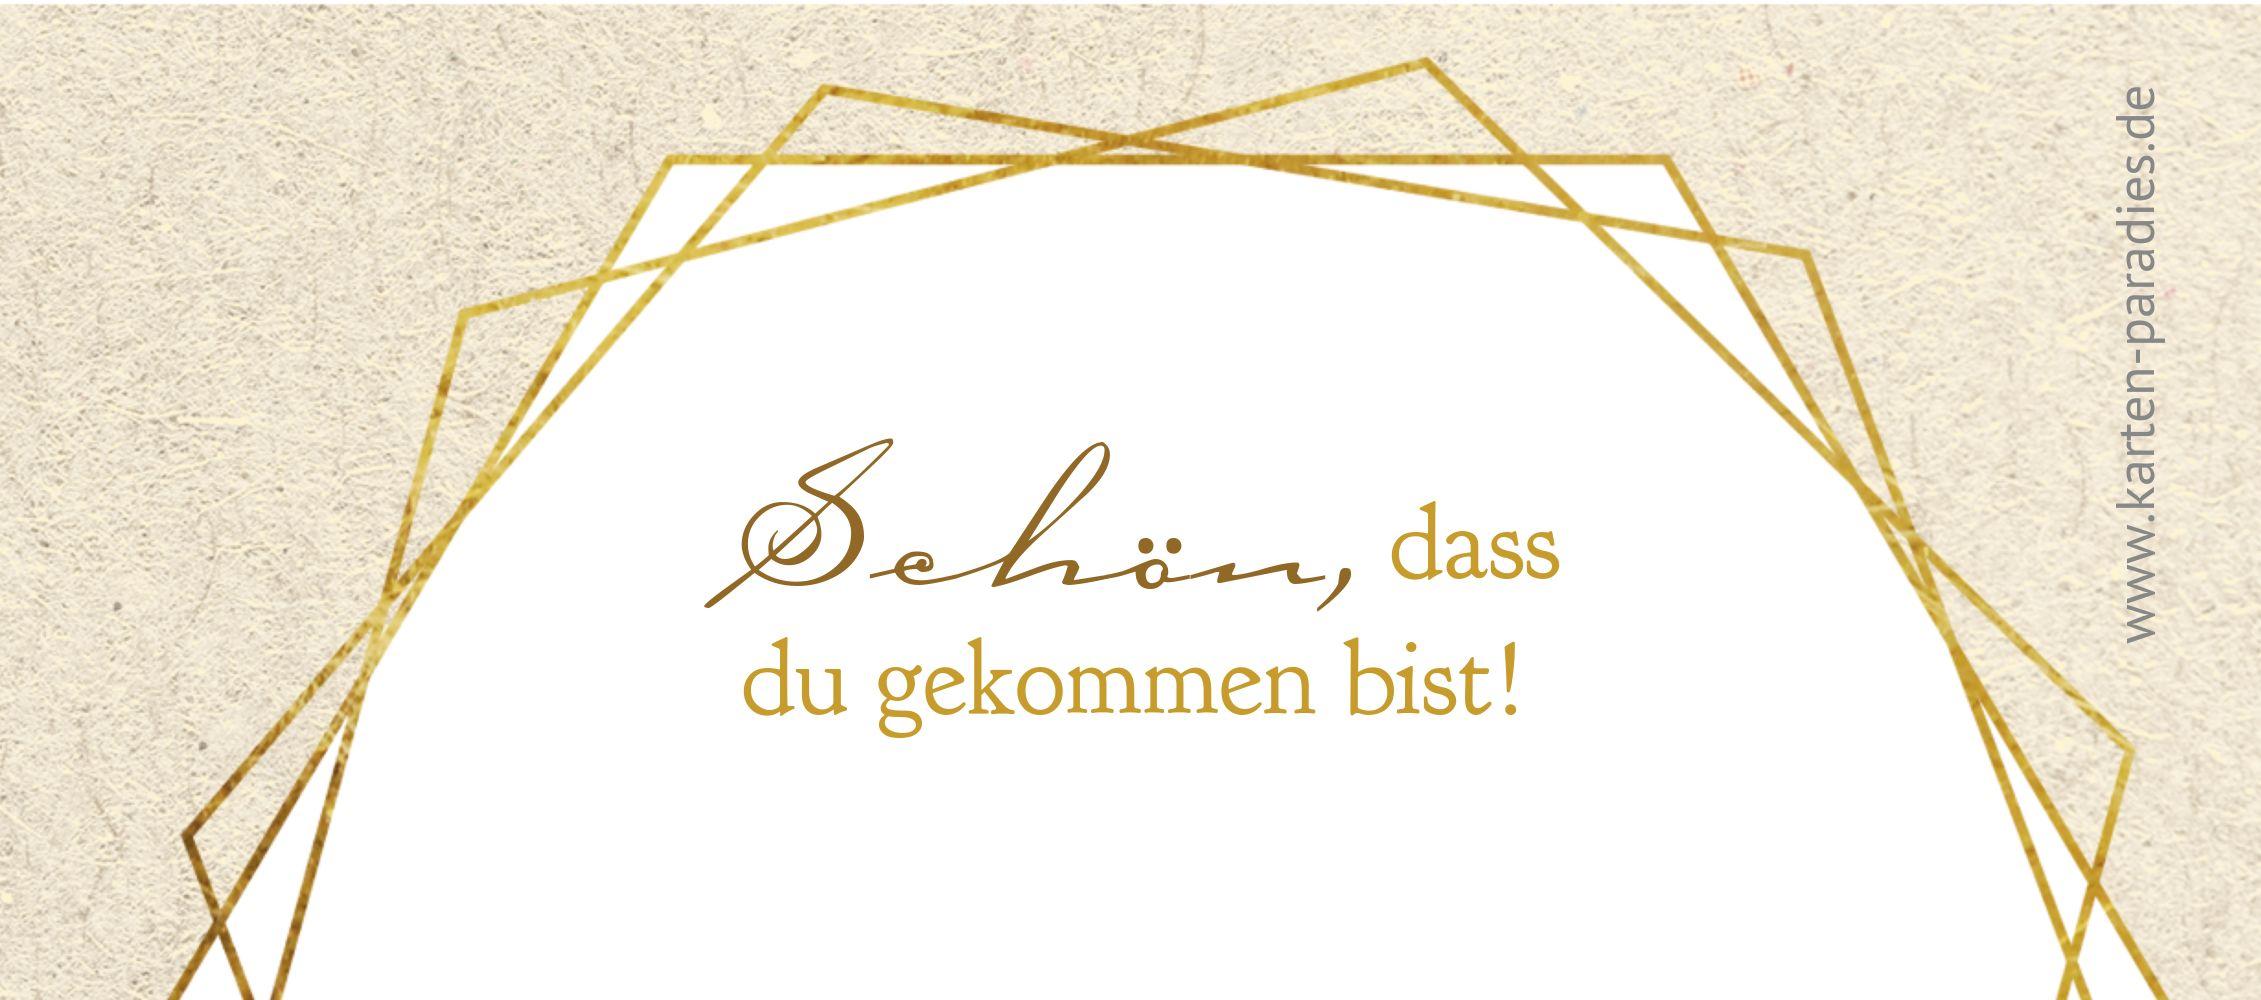 Ansicht 2 - Firmung Tischkarte Goldrausch